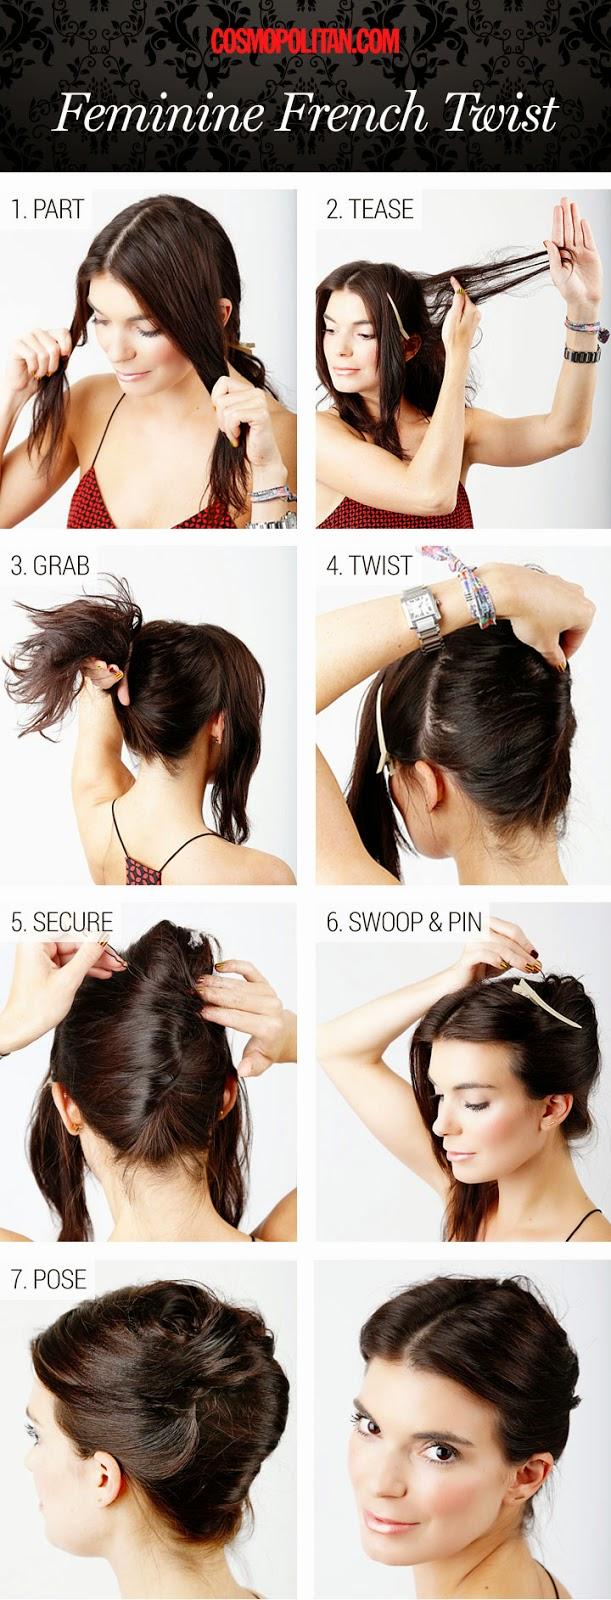 Tutorial Menata Rambut Panjang Dan Pendek Secara Mudah 7